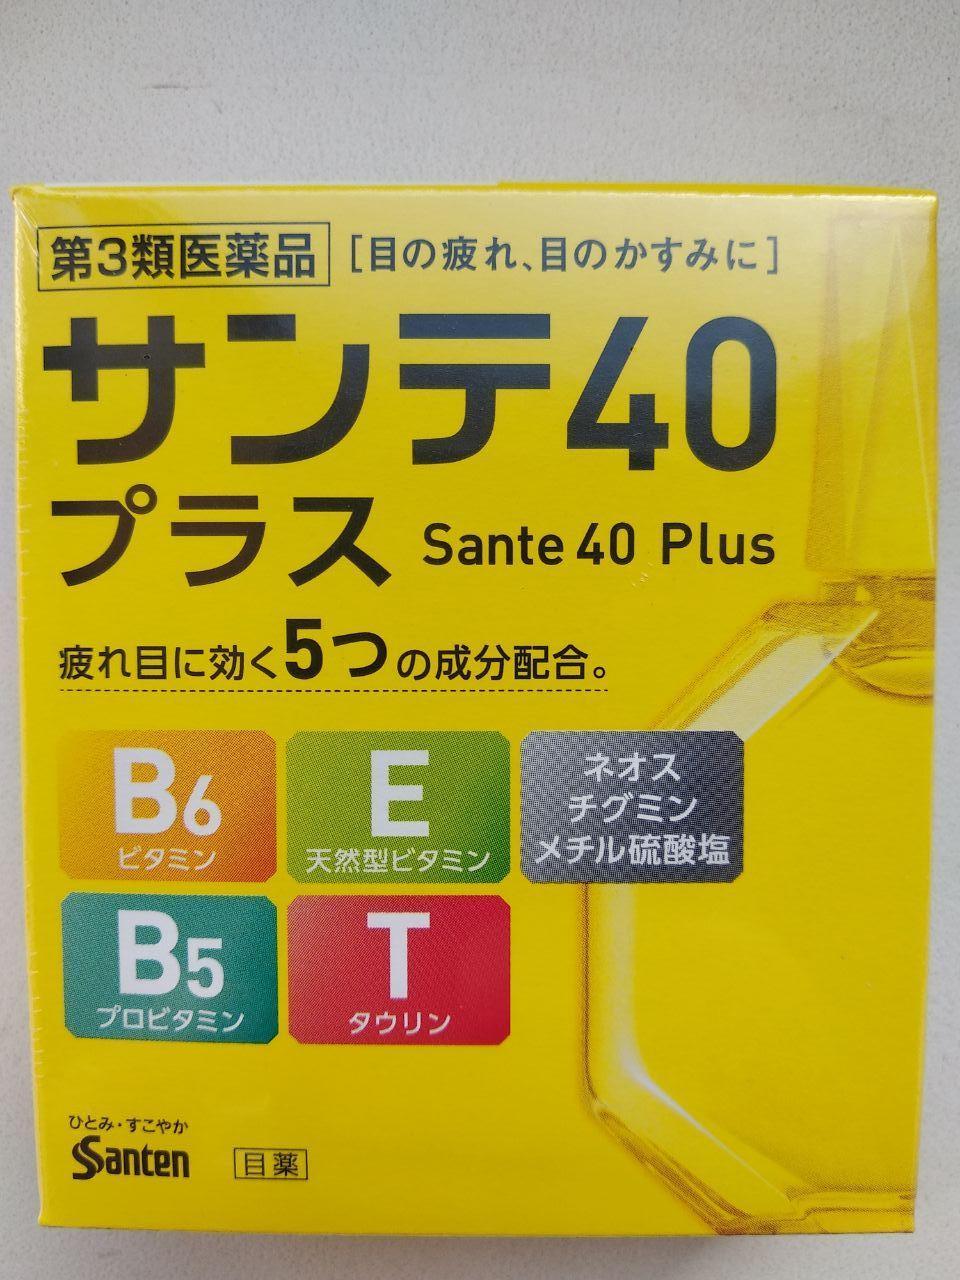 Японские глазные капли Sante 40 Plus